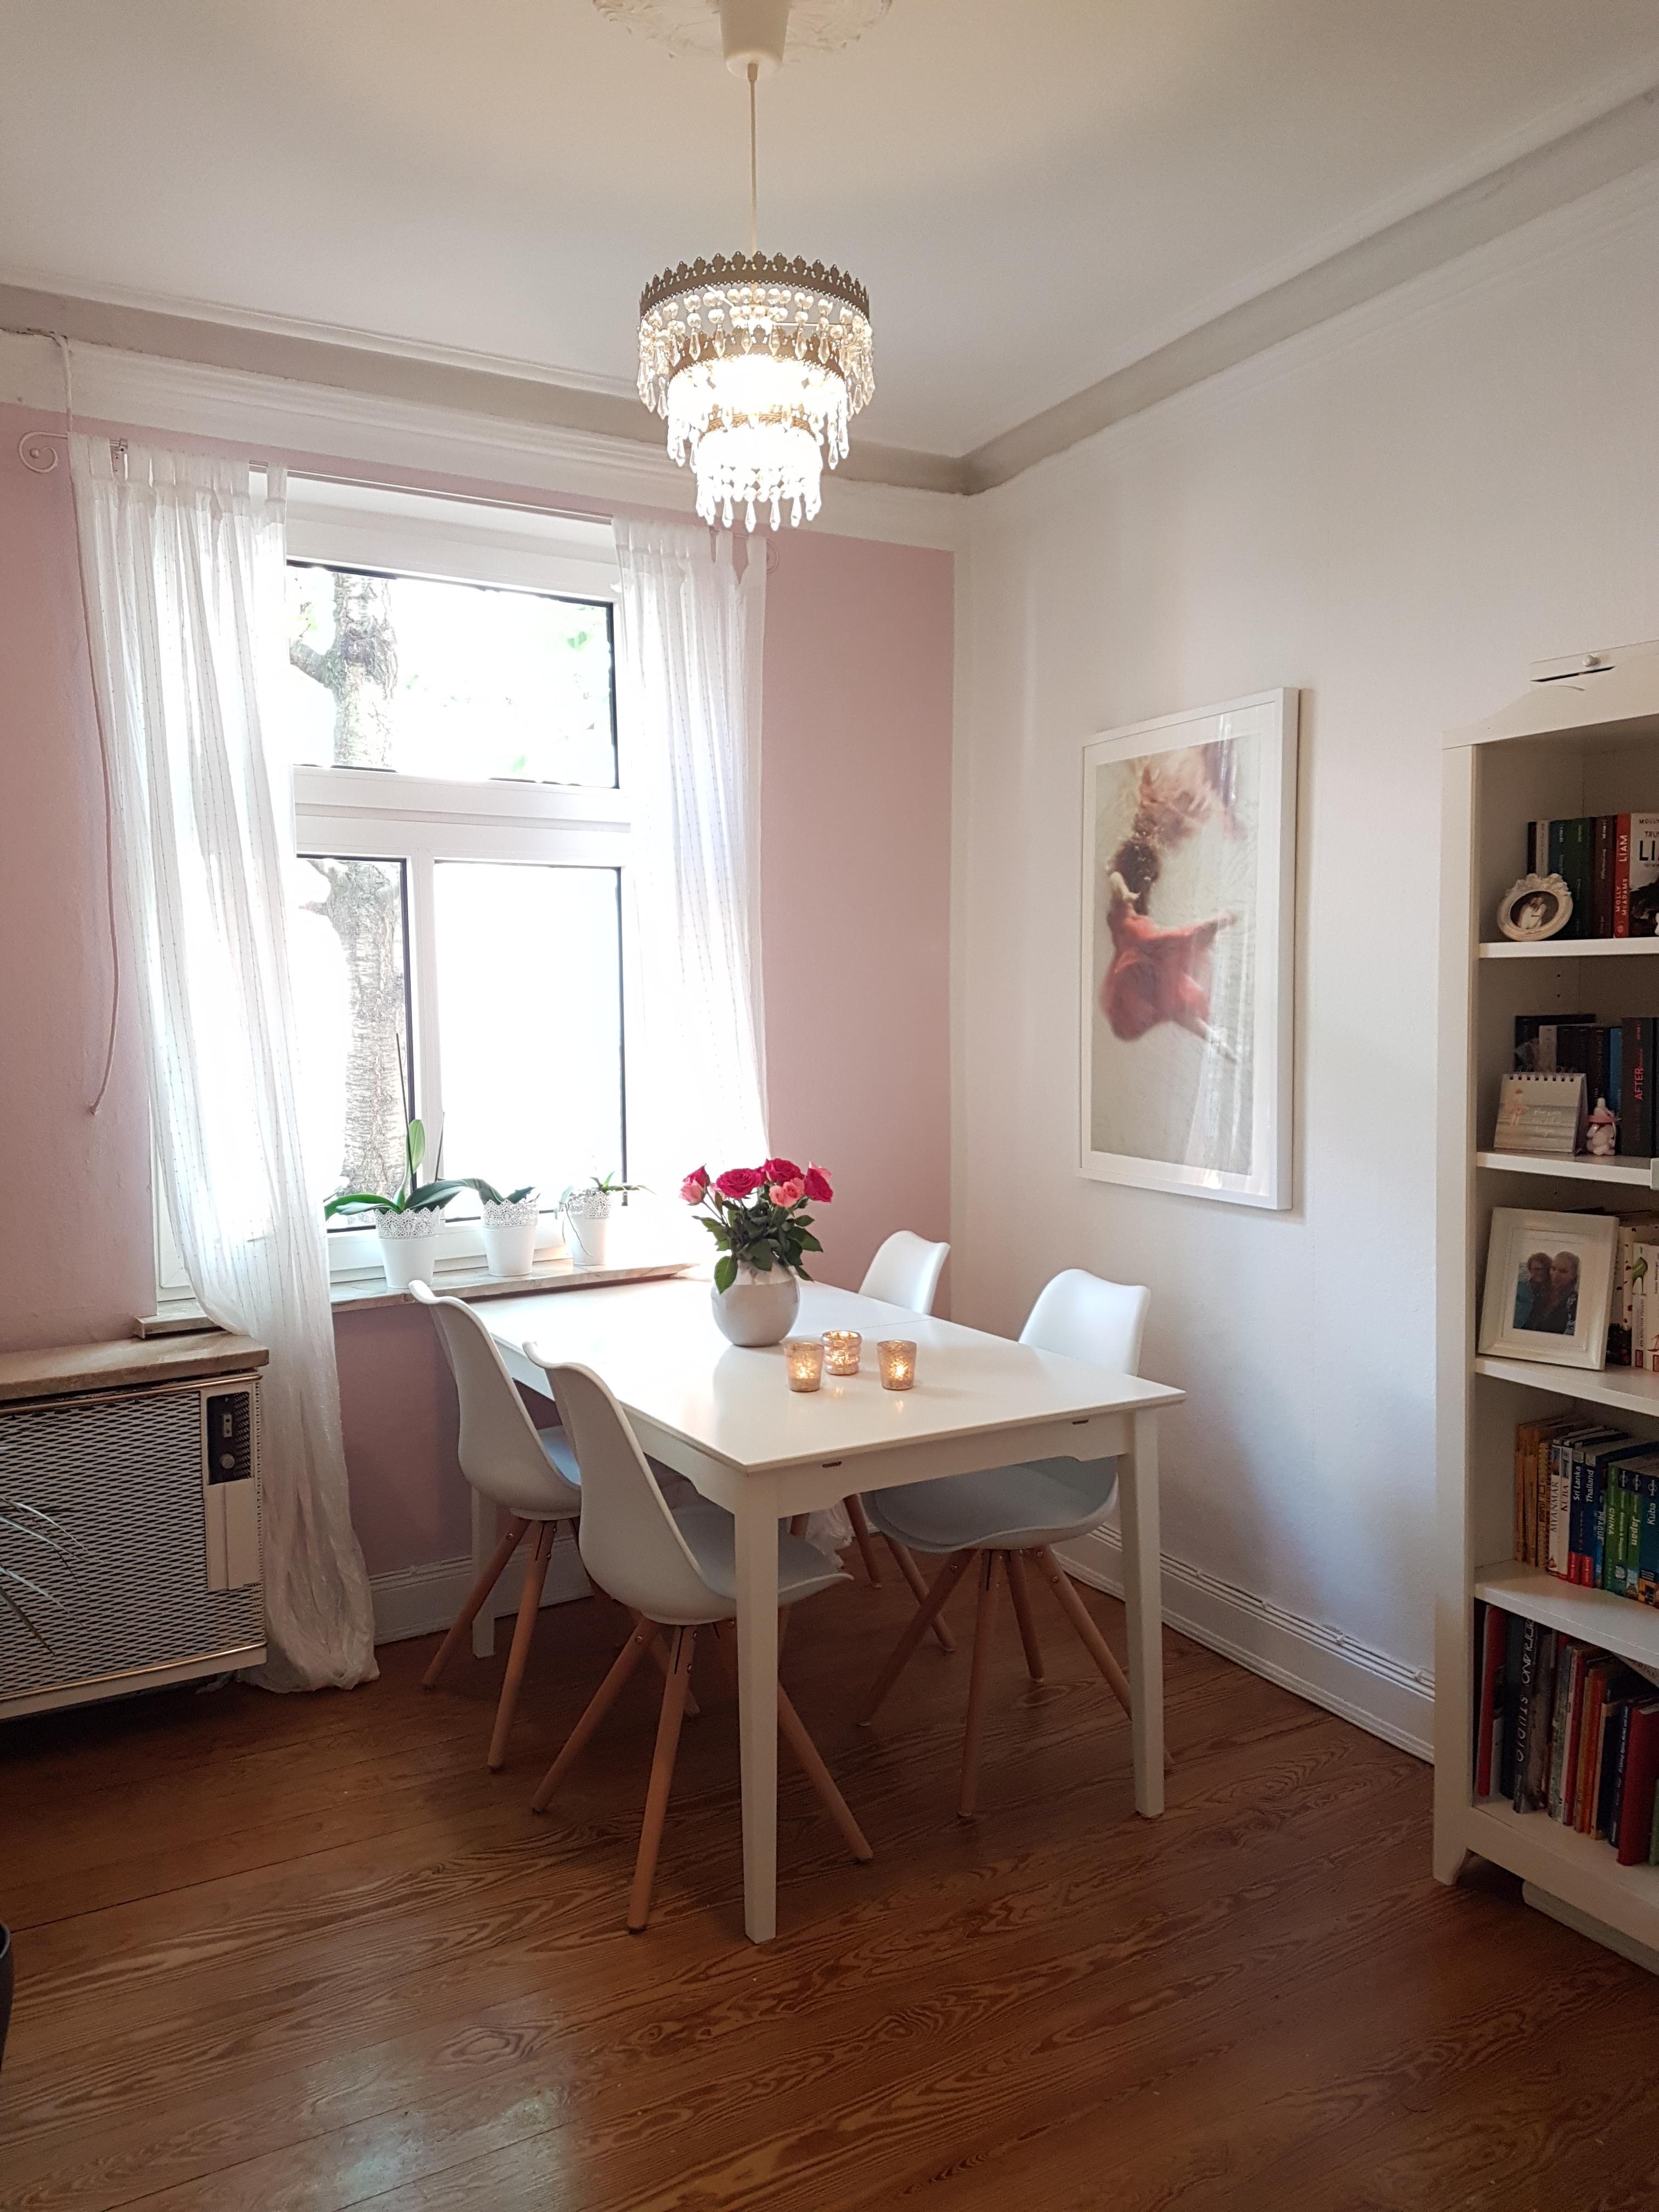 kleines esszimmer, mein kleines #esszimmer ist in einem altrosa gehalte, Design ideen